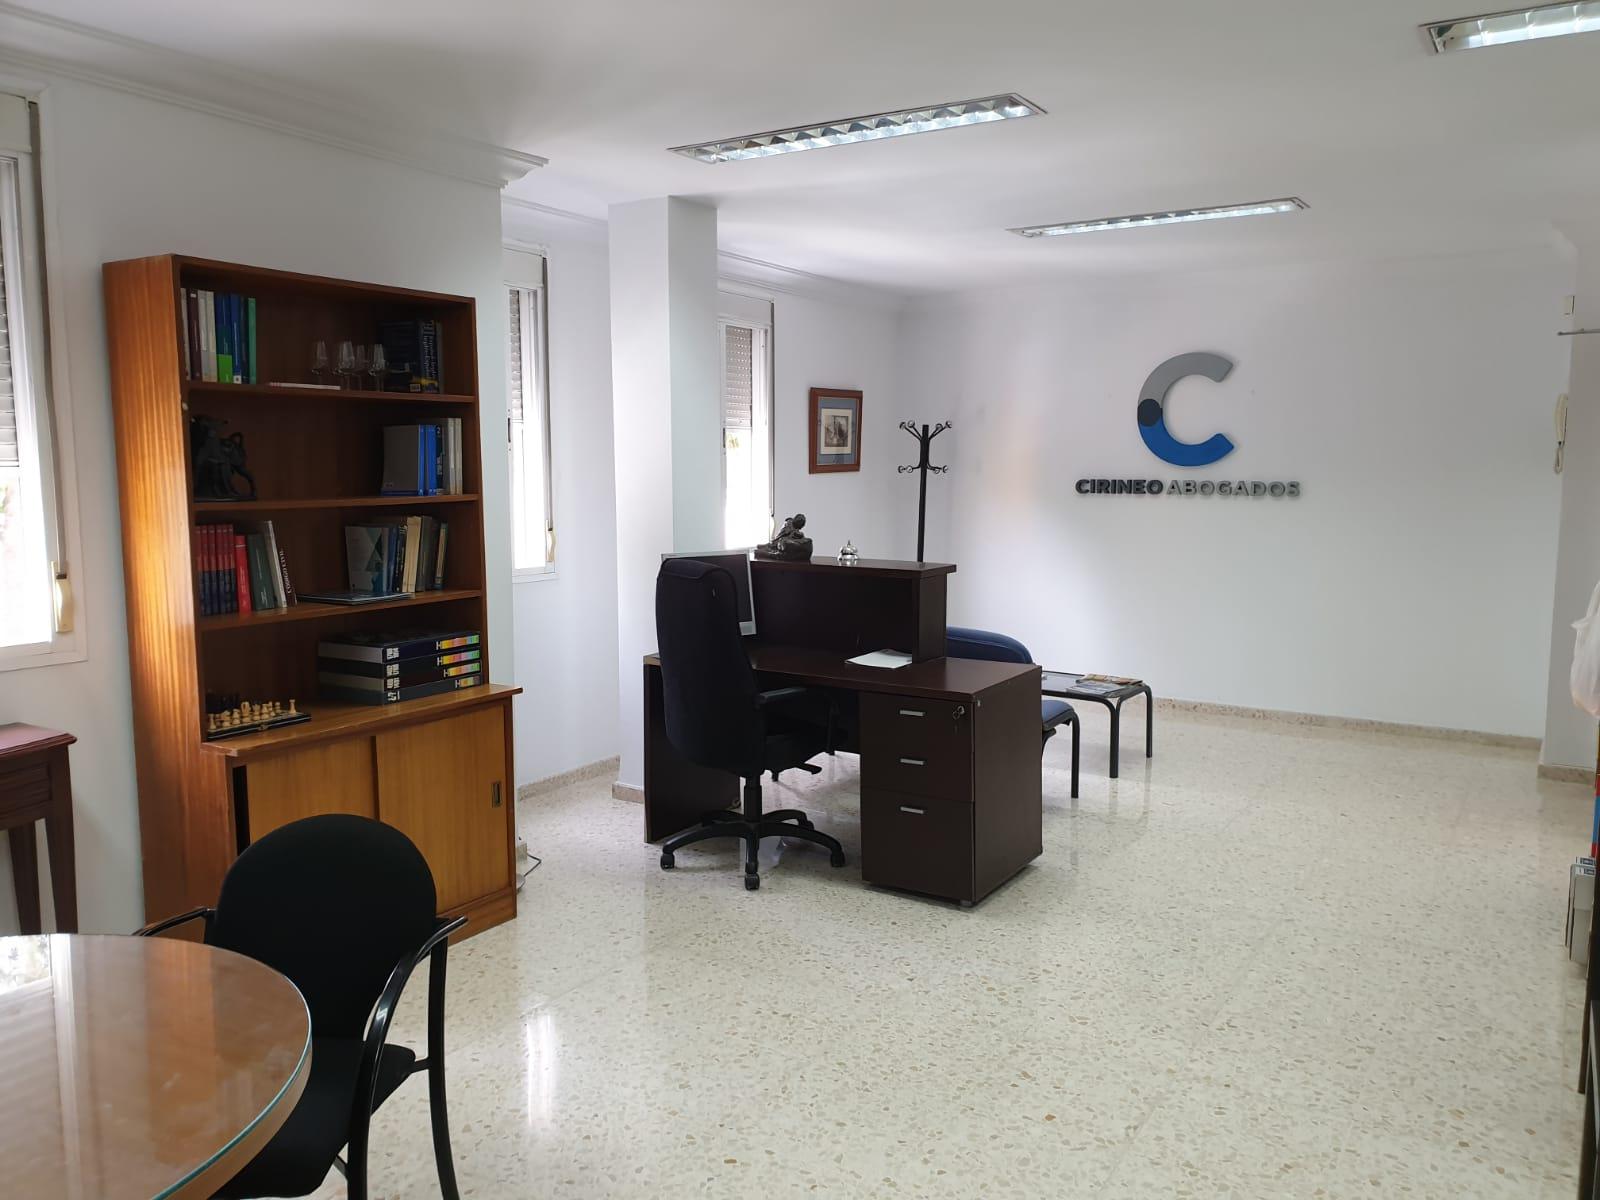 servicios profesionales juridicos cirineo abogados